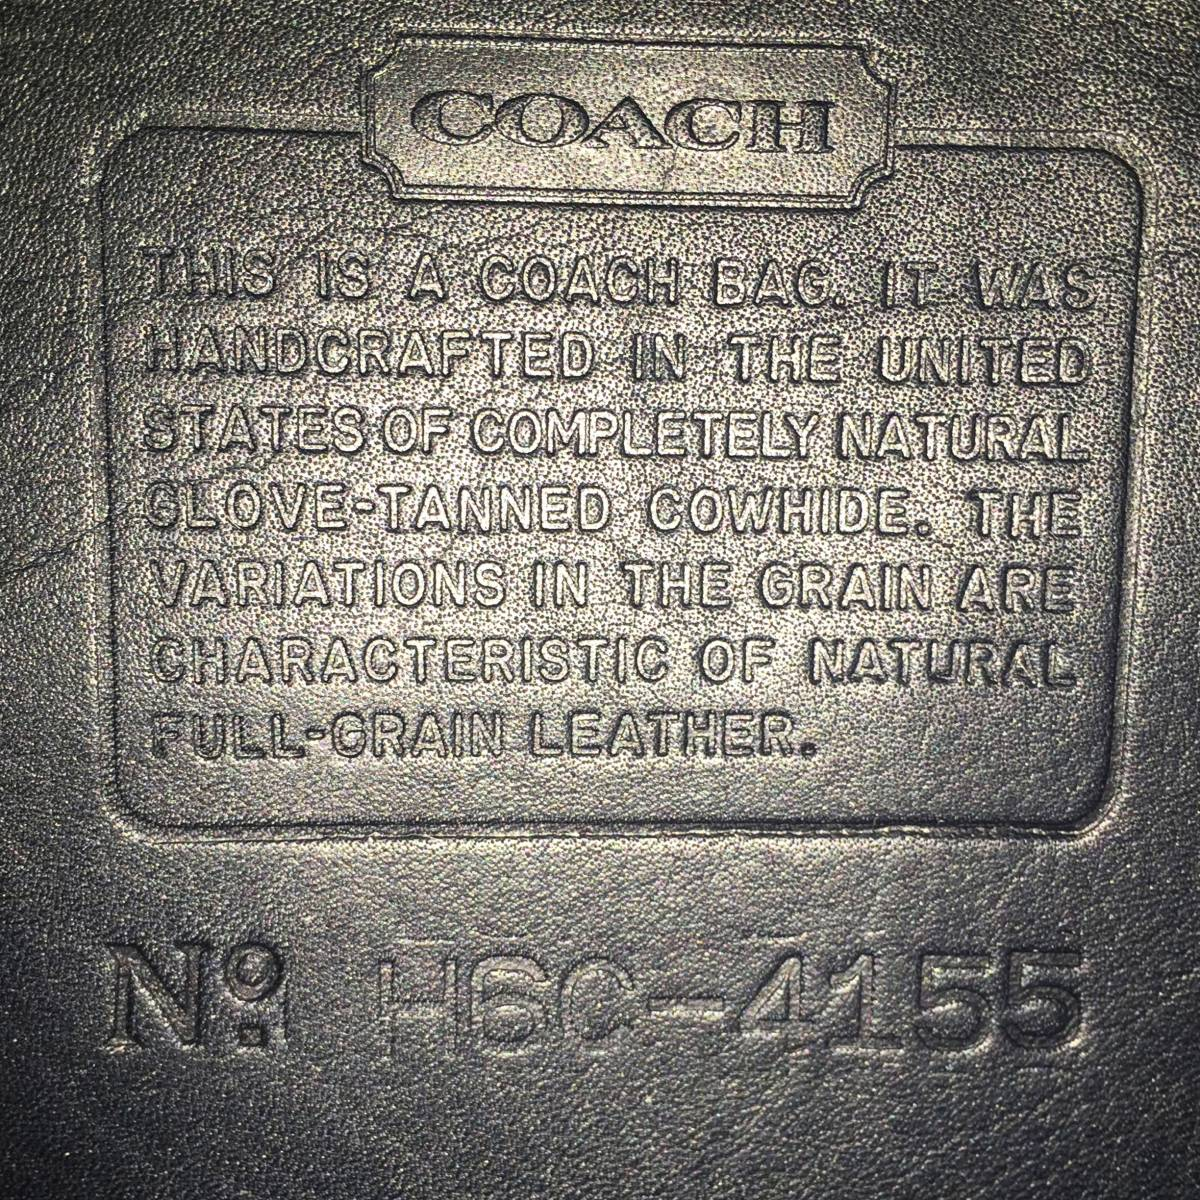 デットストック 極美品 オールドコーチ COACH トートバッグ ビジネスバッグ モスネイビー レザー メンズバッグ 牛革 A4ファイル 定価6万_画像10